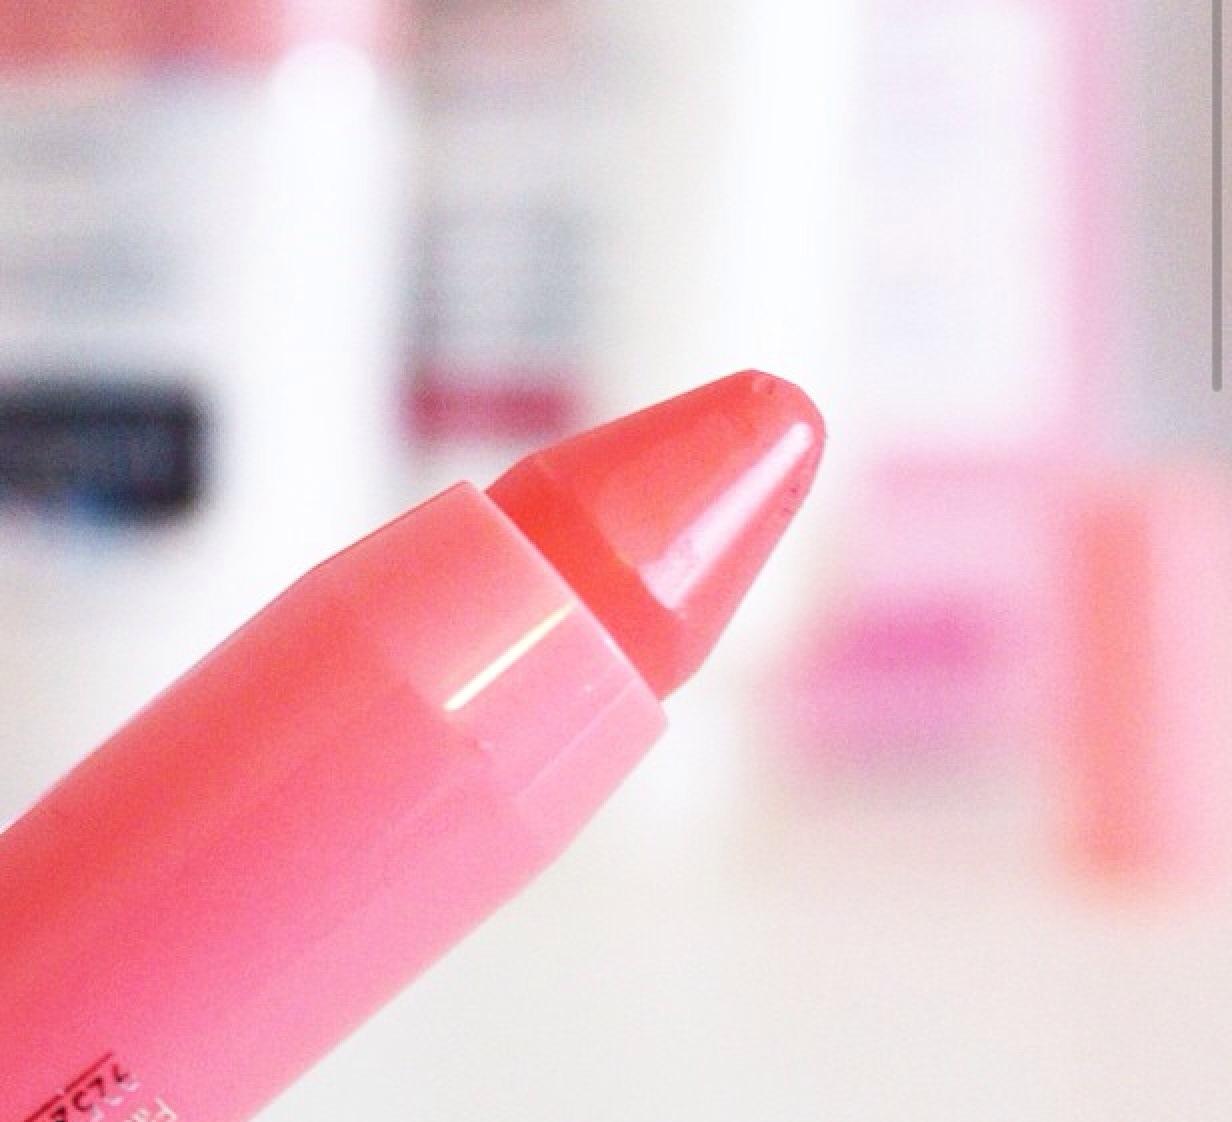 Bourjois peach lip crayon